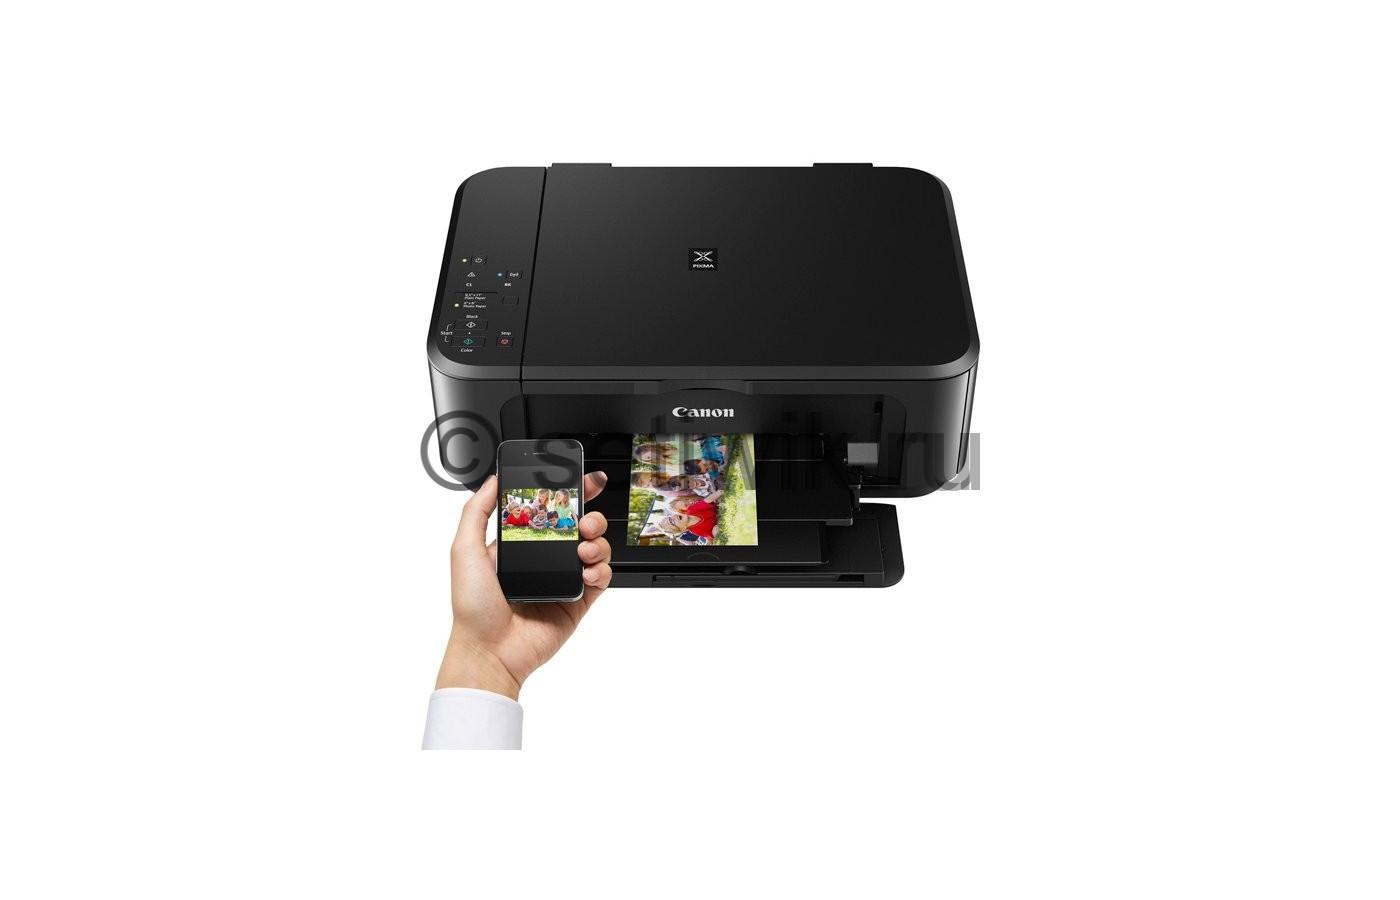 Печать с телефона на принтер